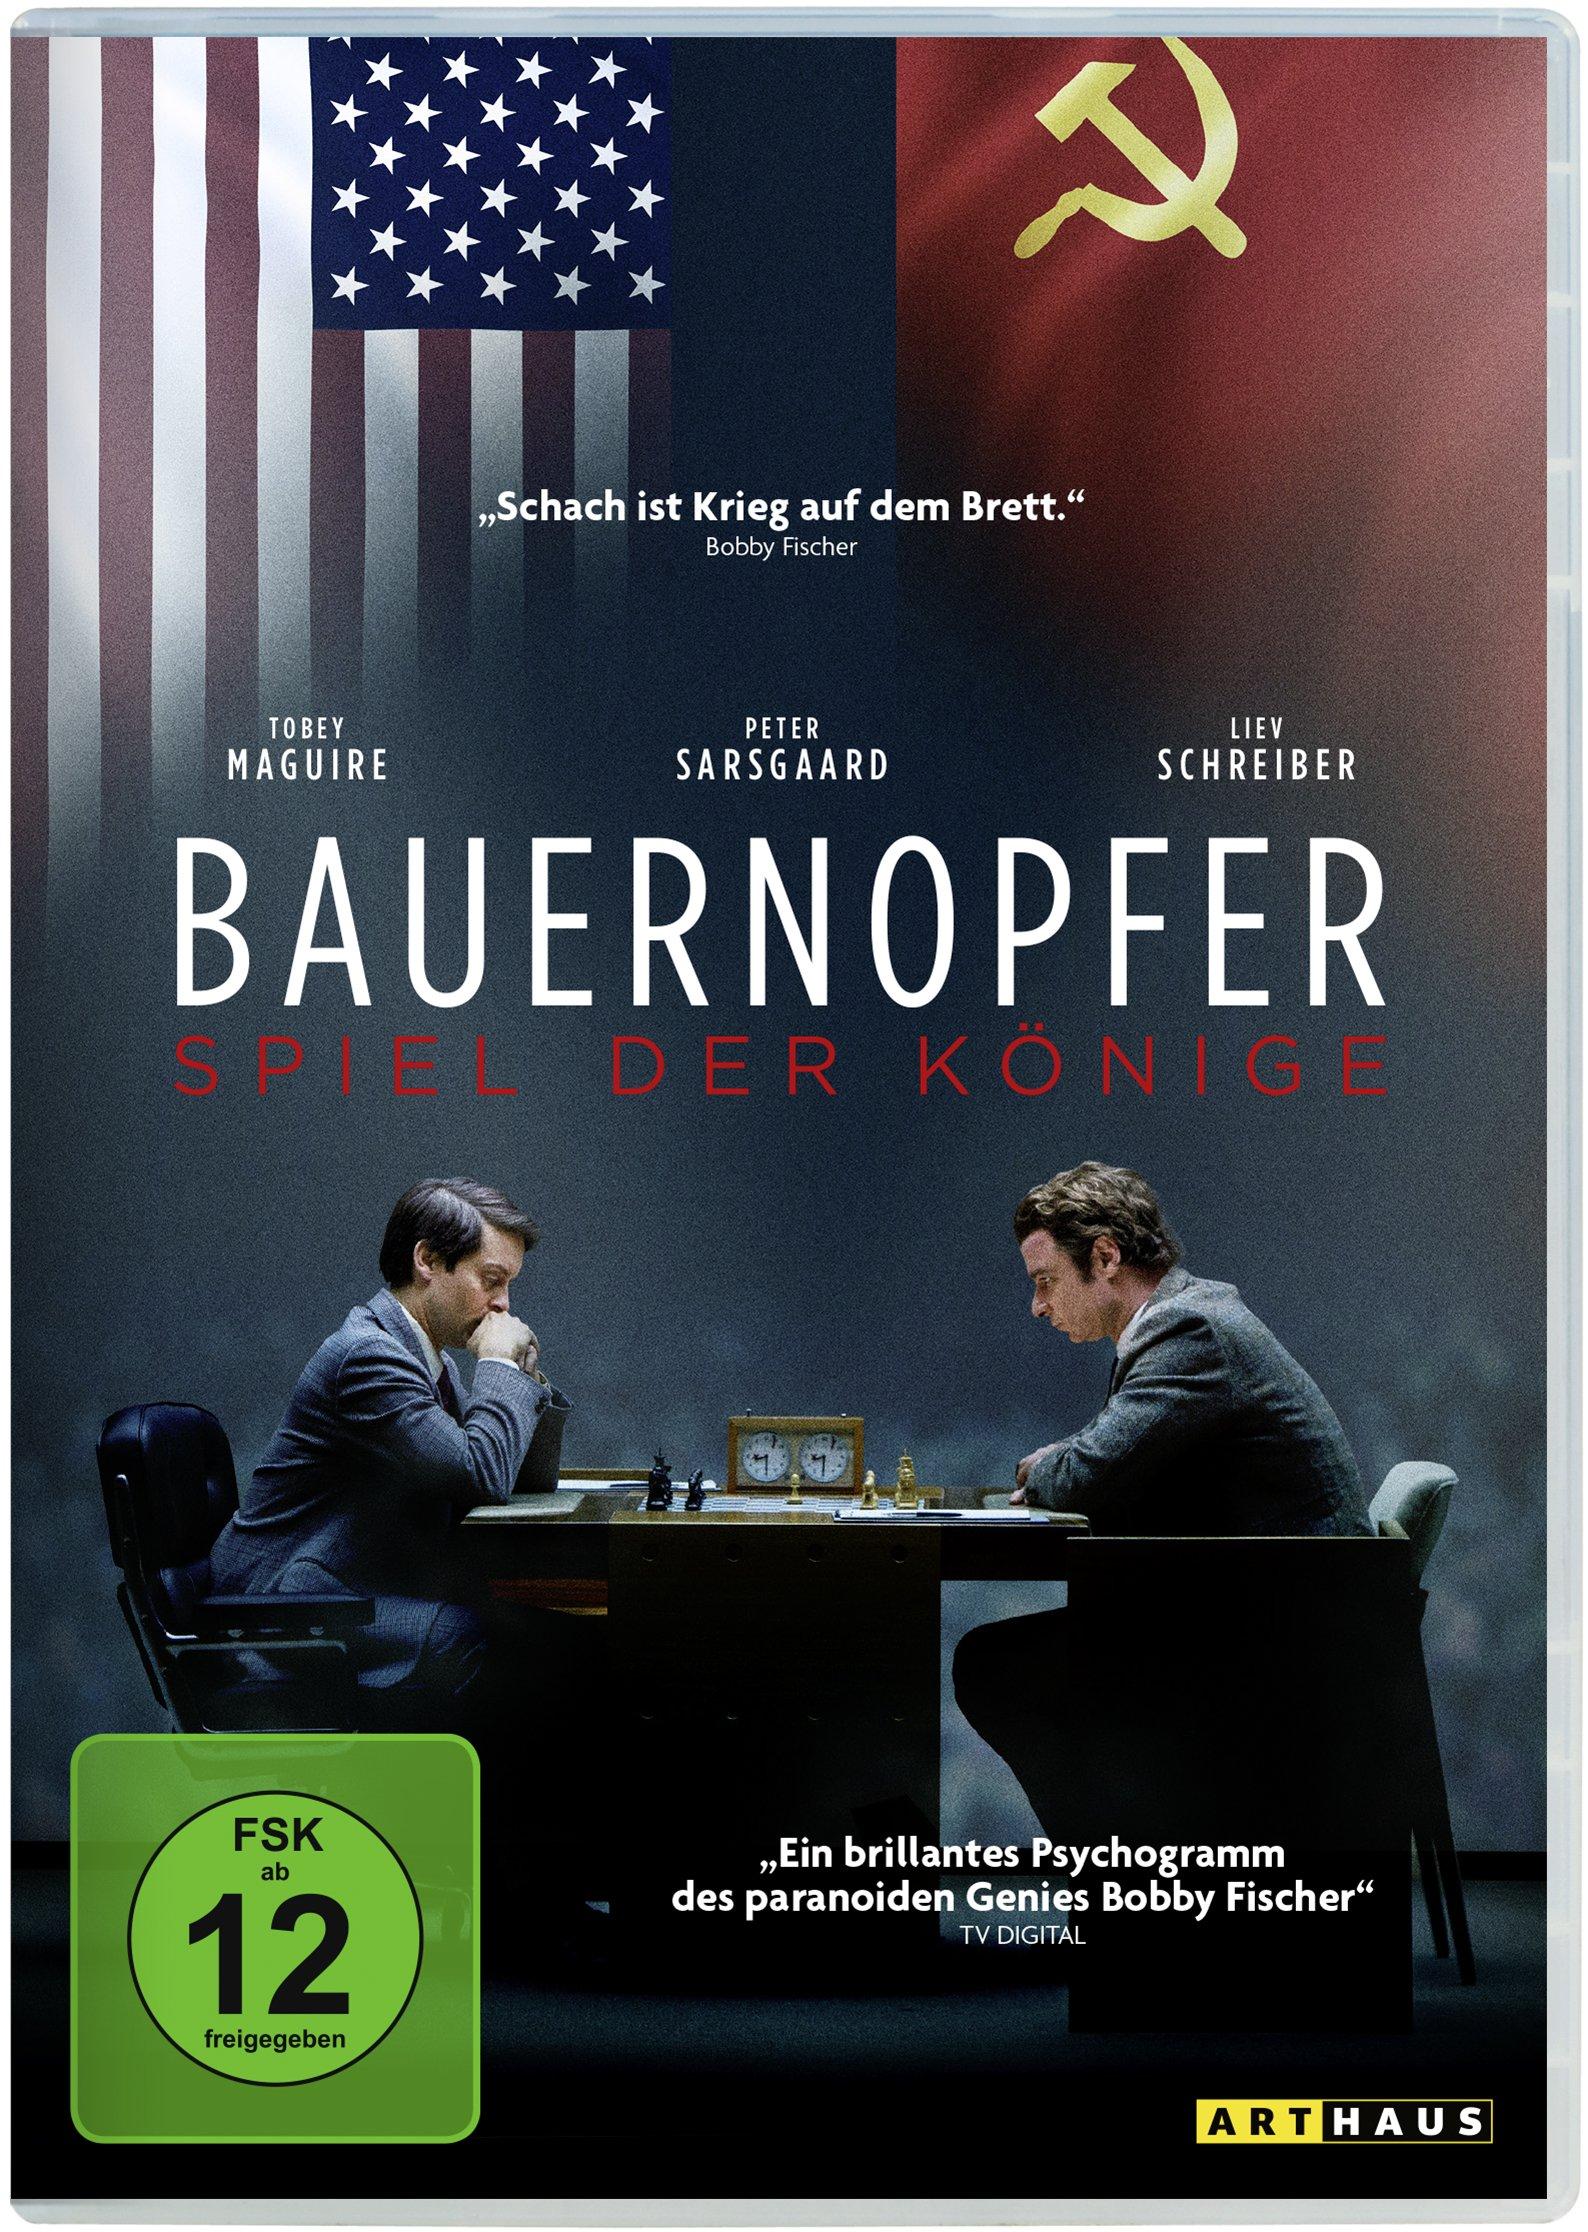 : Bauernopfer Spiel der Koenige German 2014 Ac3 Bdrip x264 Proper-CoiNciDence